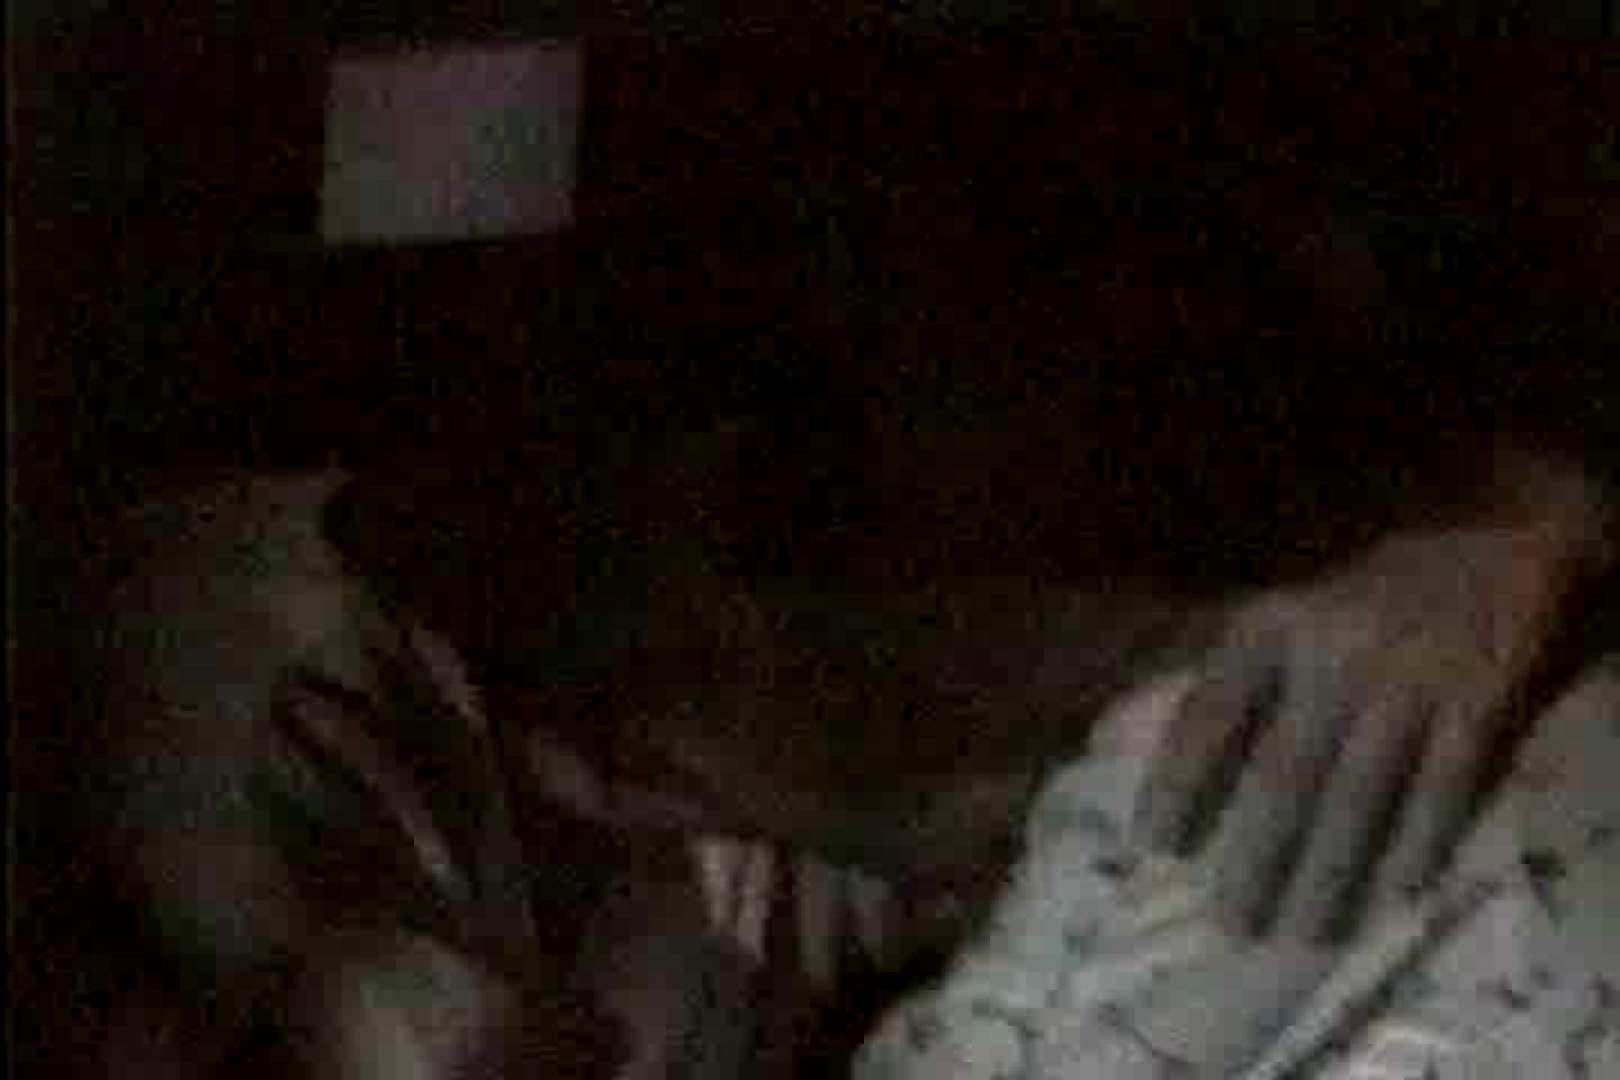 車の中はラブホテル 無修正版  Vol.8 セックス おまんこ無修正動画無料 102PIX 35